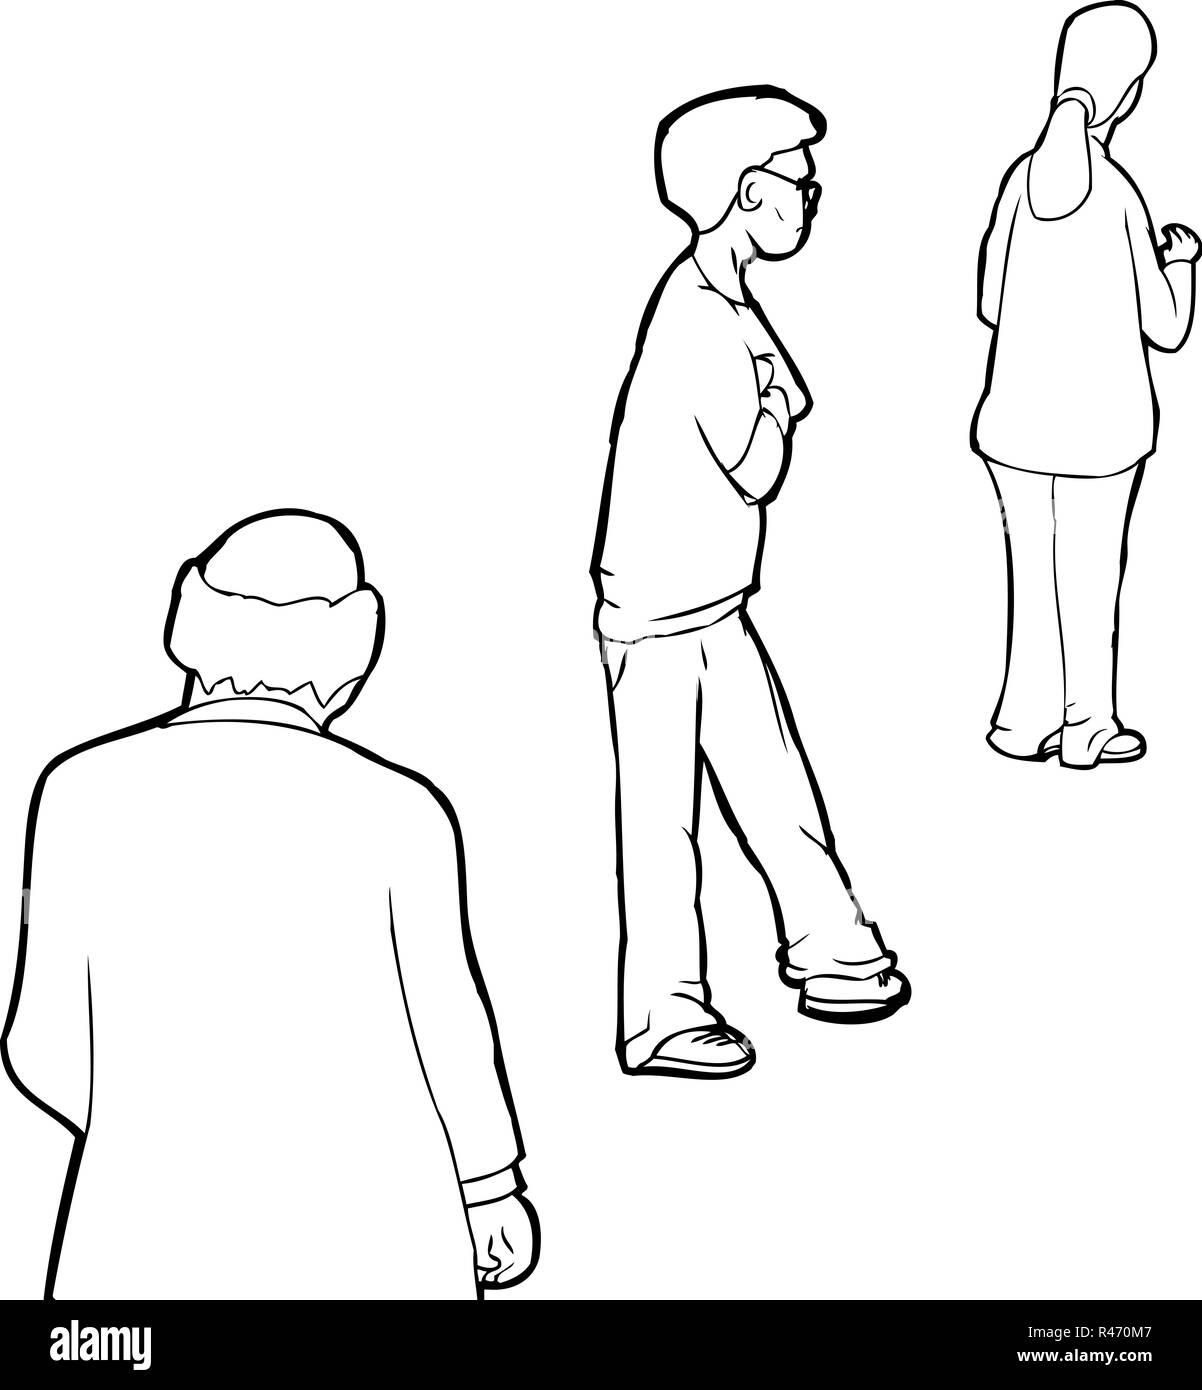 31 Umriss Mensch Vorlage - Besten Bilder von ausmalbilder